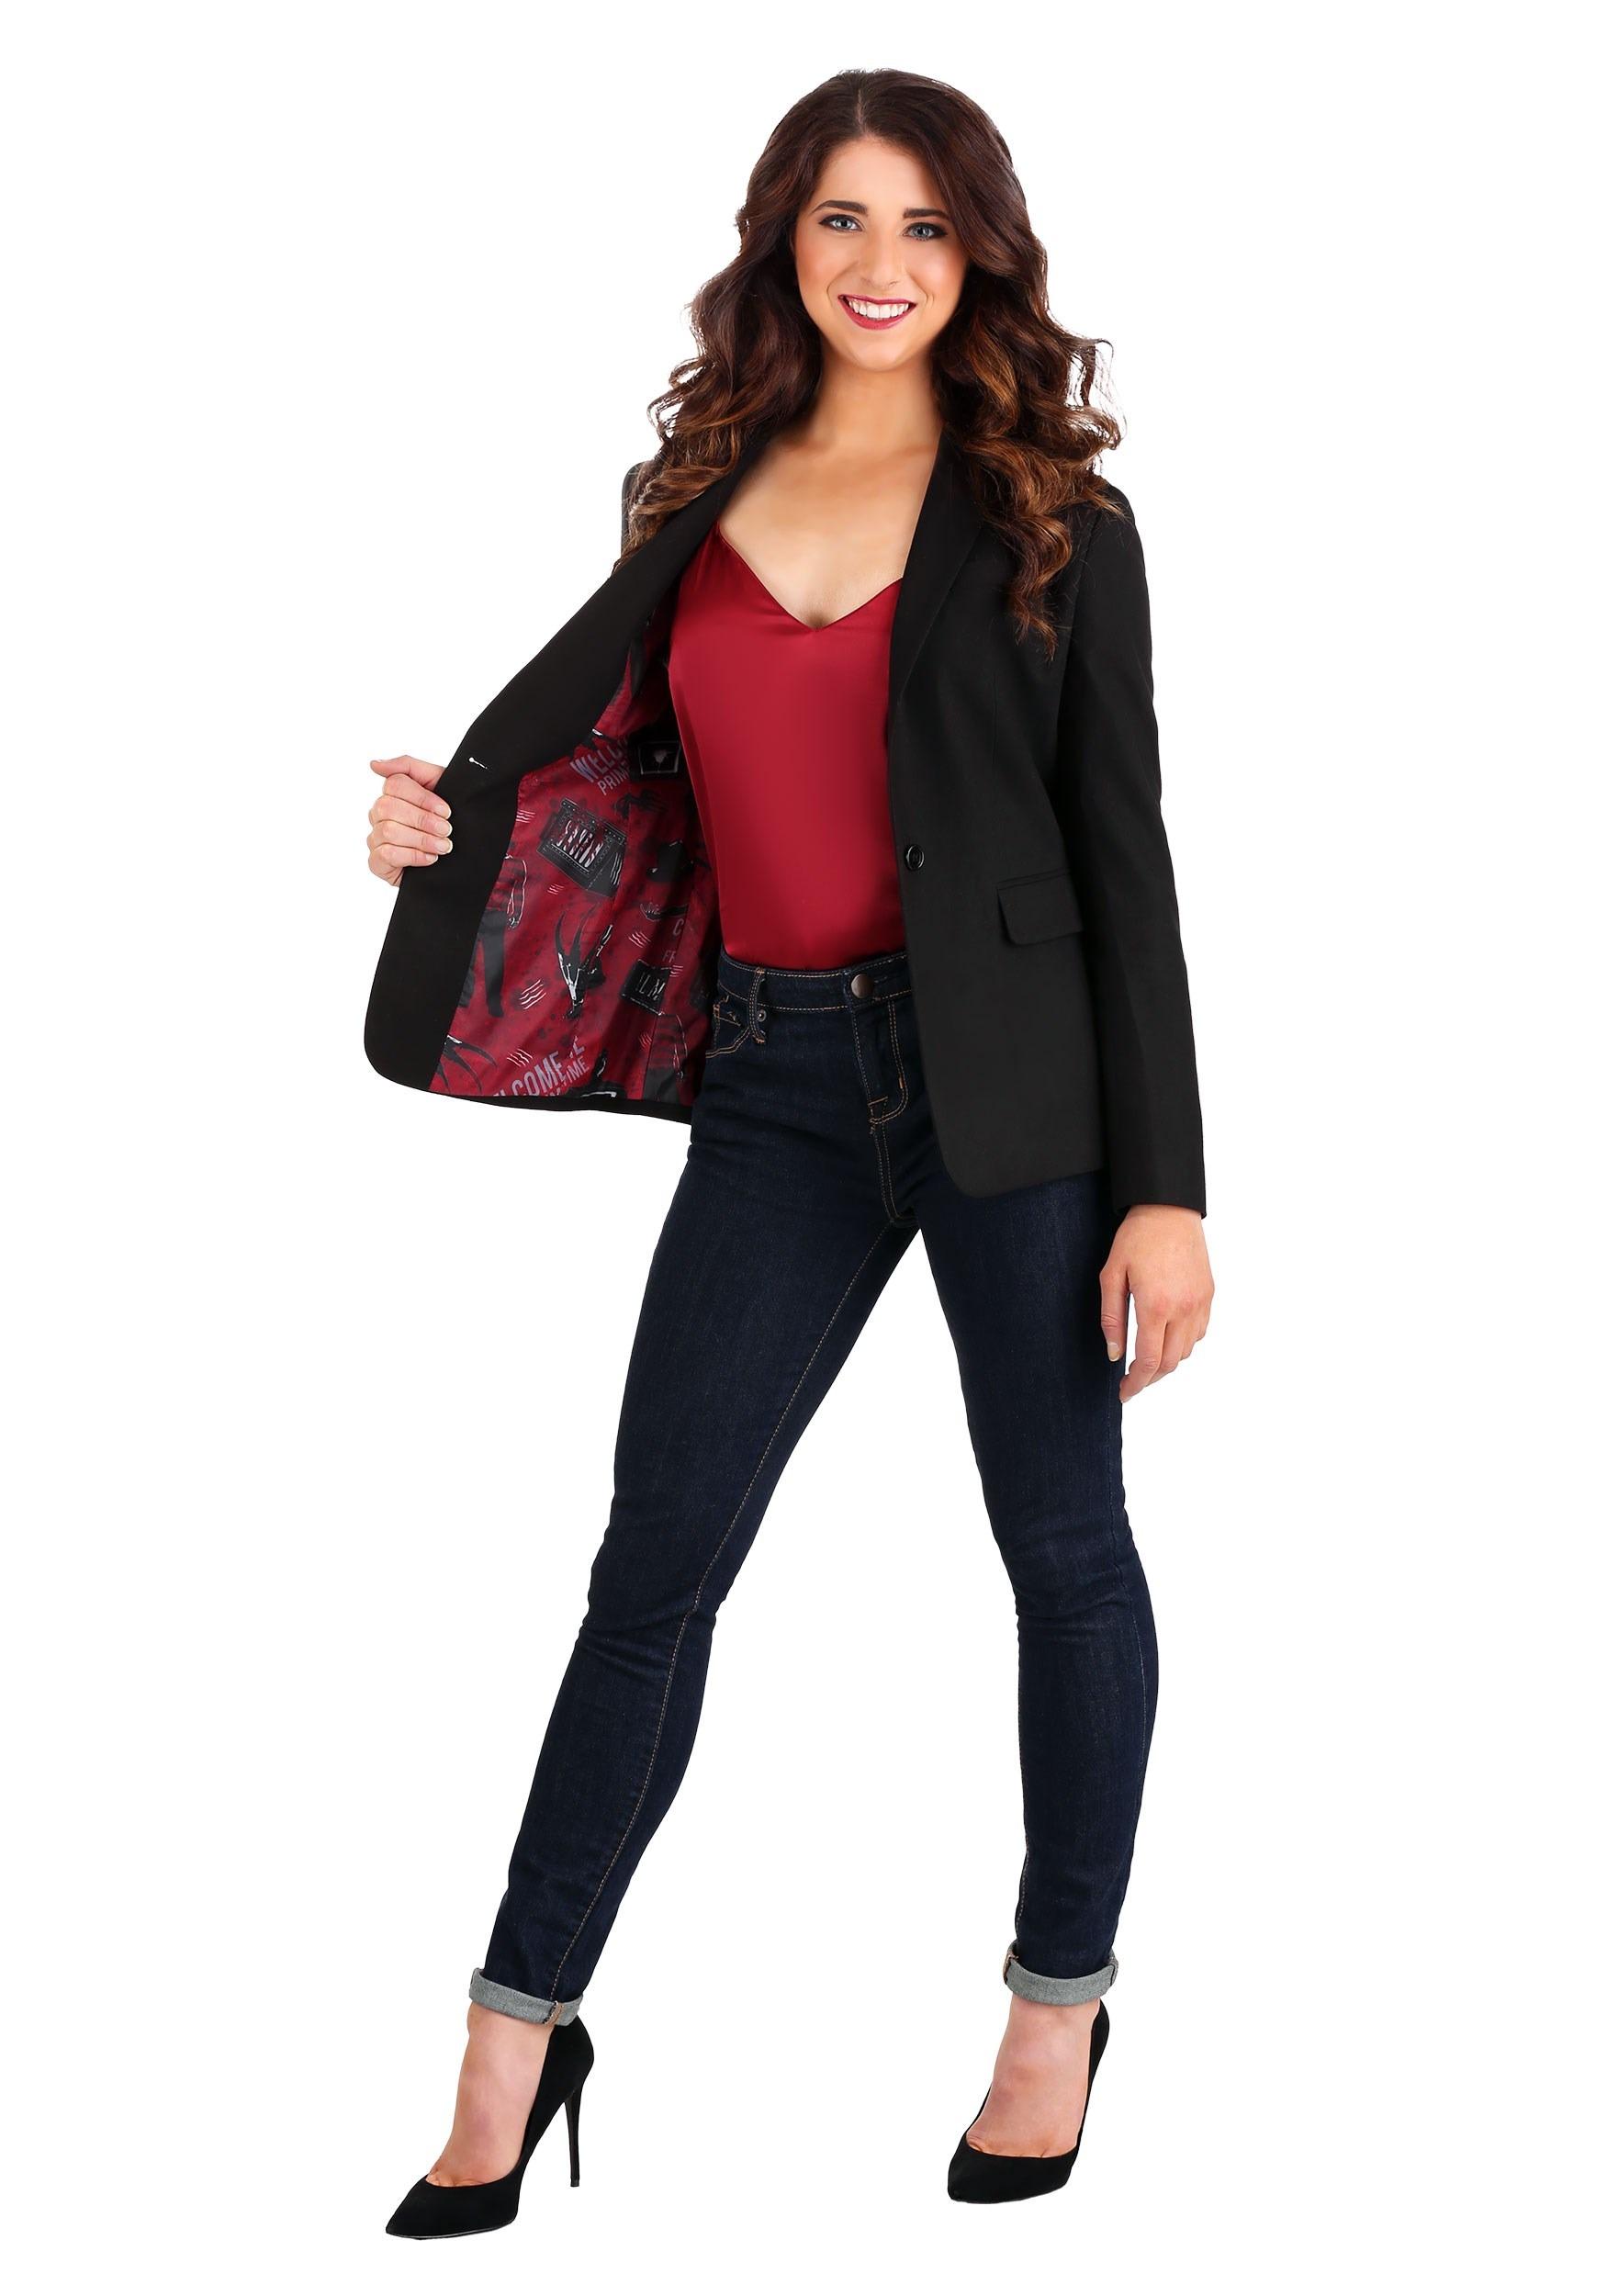 Nightmare on Elm Street Suit Jacket for Women